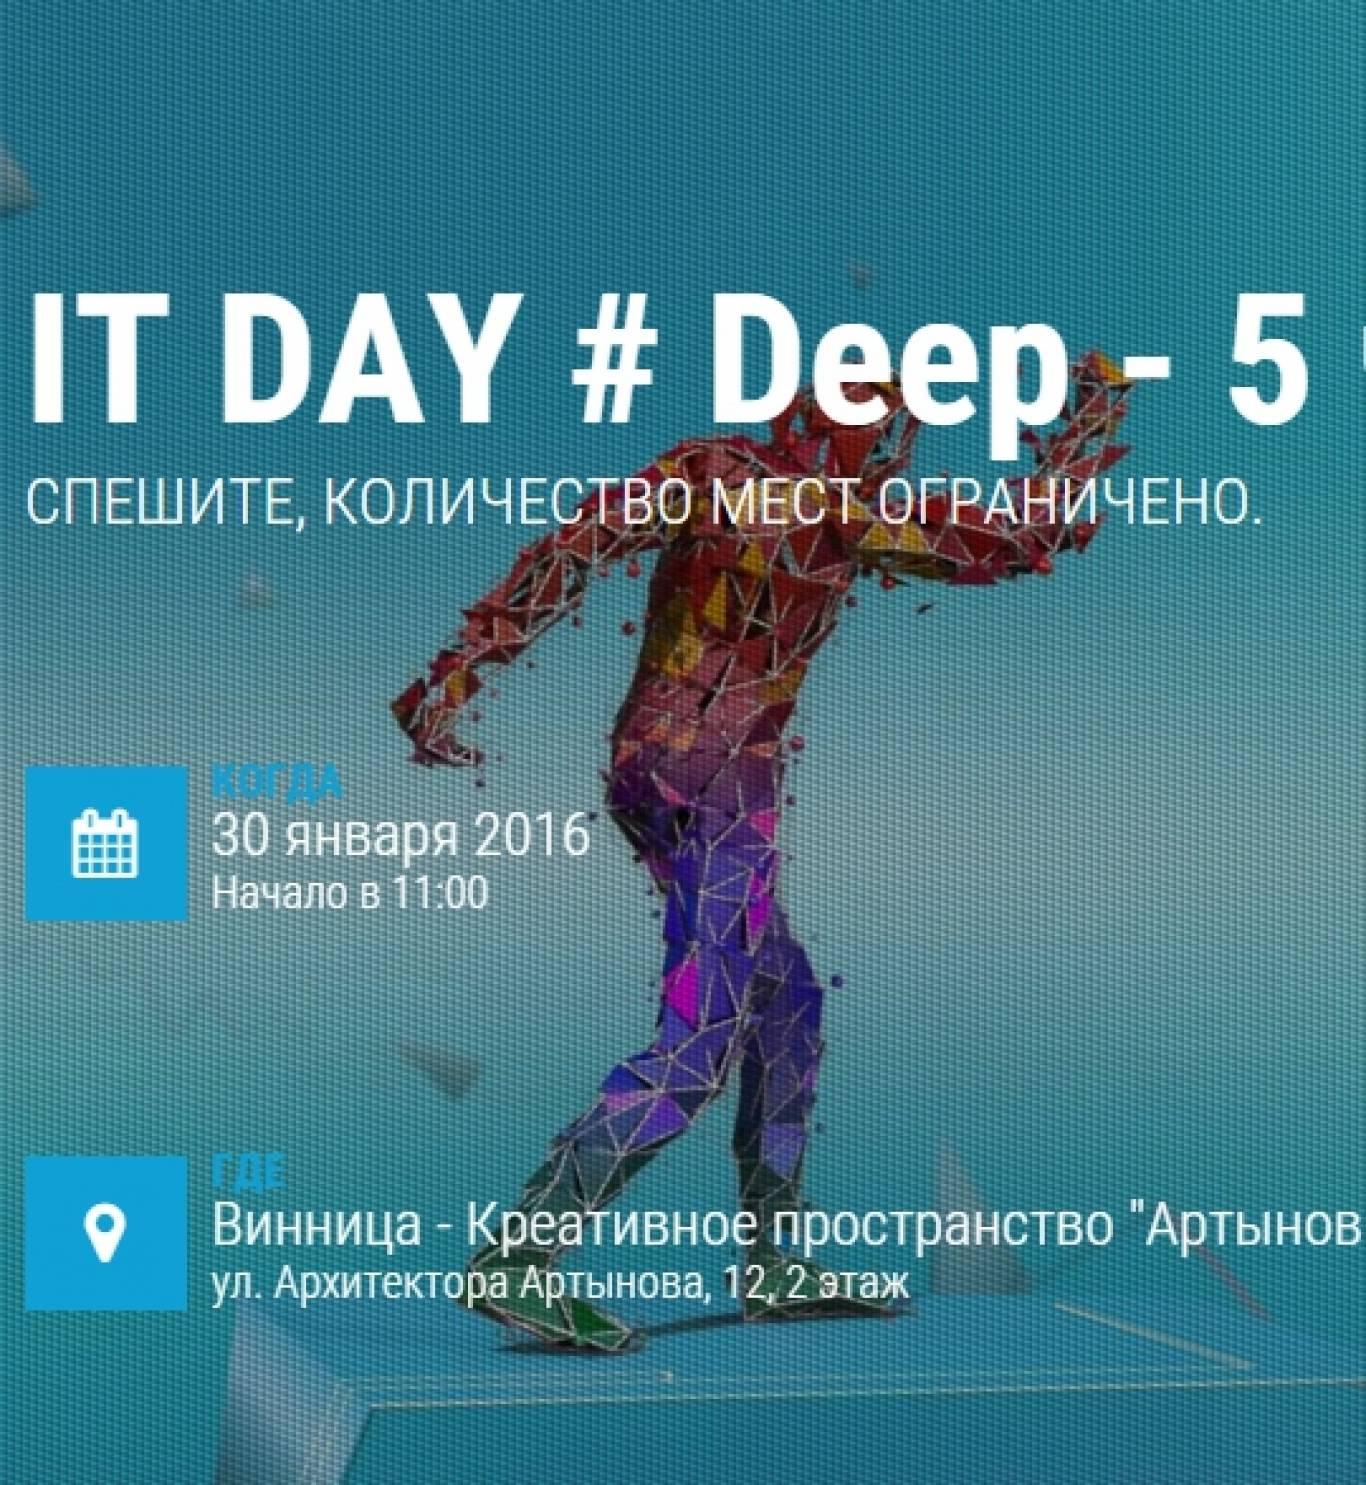 IT DAY # DEEP. IT конференция в Виннице